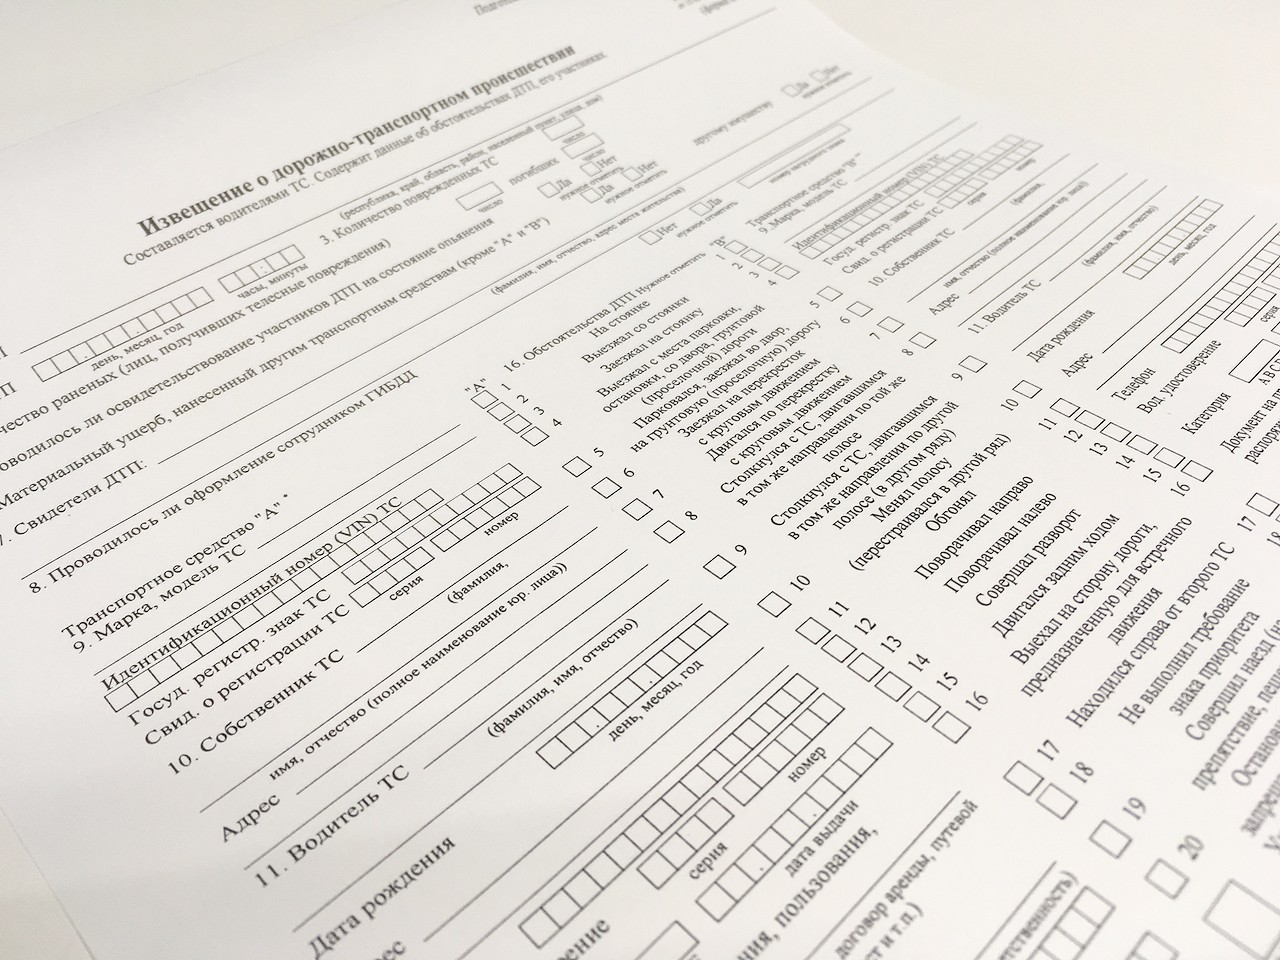 Извещение о ДТП прилагается к полису ОСАГО. Его заполнение достаточно интуитивно. В пункте 17 рисуется схема ДТП, хотя места мало, поэтому схема получается примерной. Каждое из двух извещений заполняется обоими водителями и ими же подписывается.